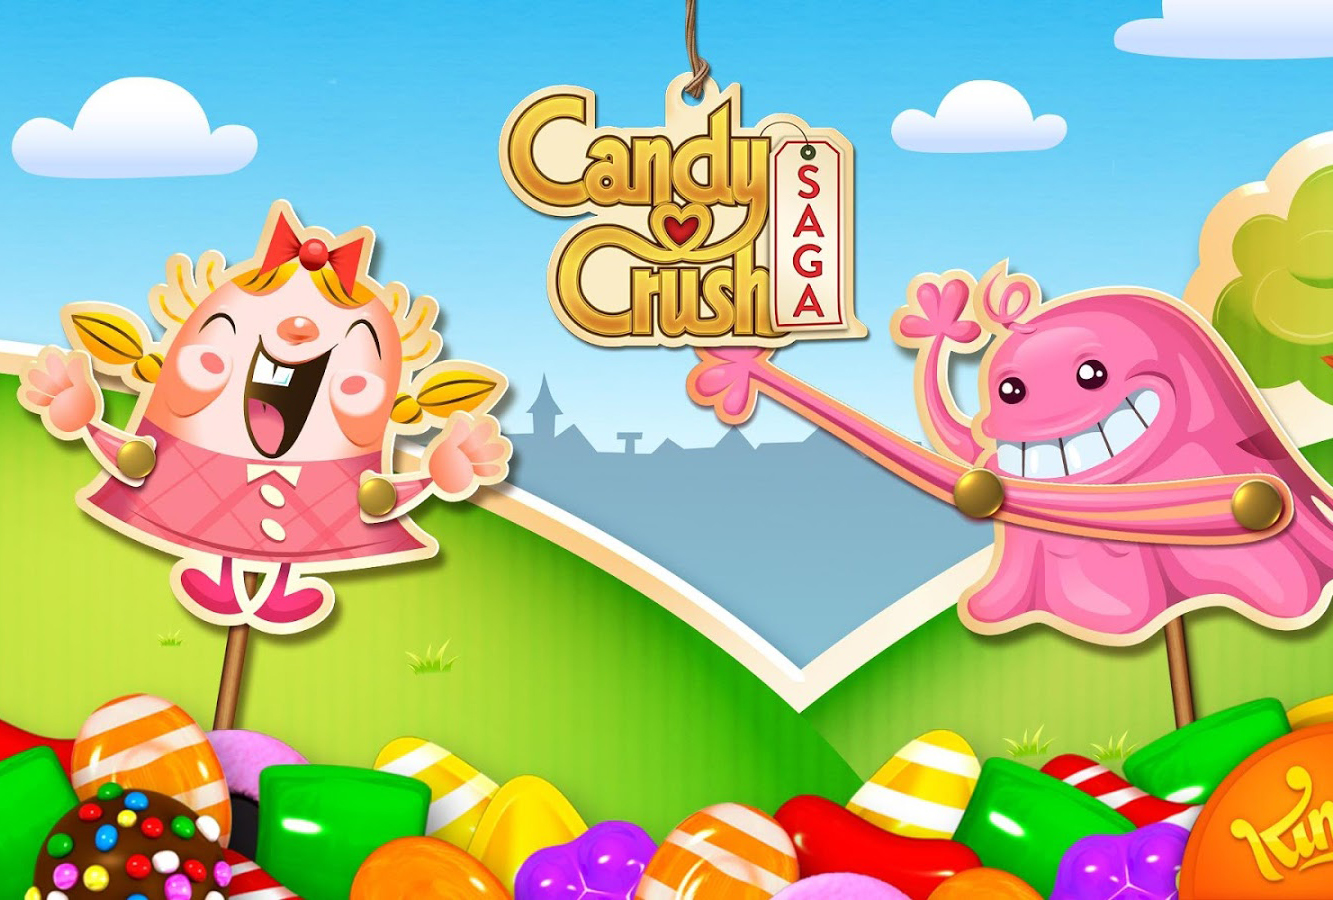 История мобильных игр: почему стали популярными и успешными мобильные игры Doodle Jump, Candy Crush Saga, Angry Birds. От чего зависит успех мобильной игры?